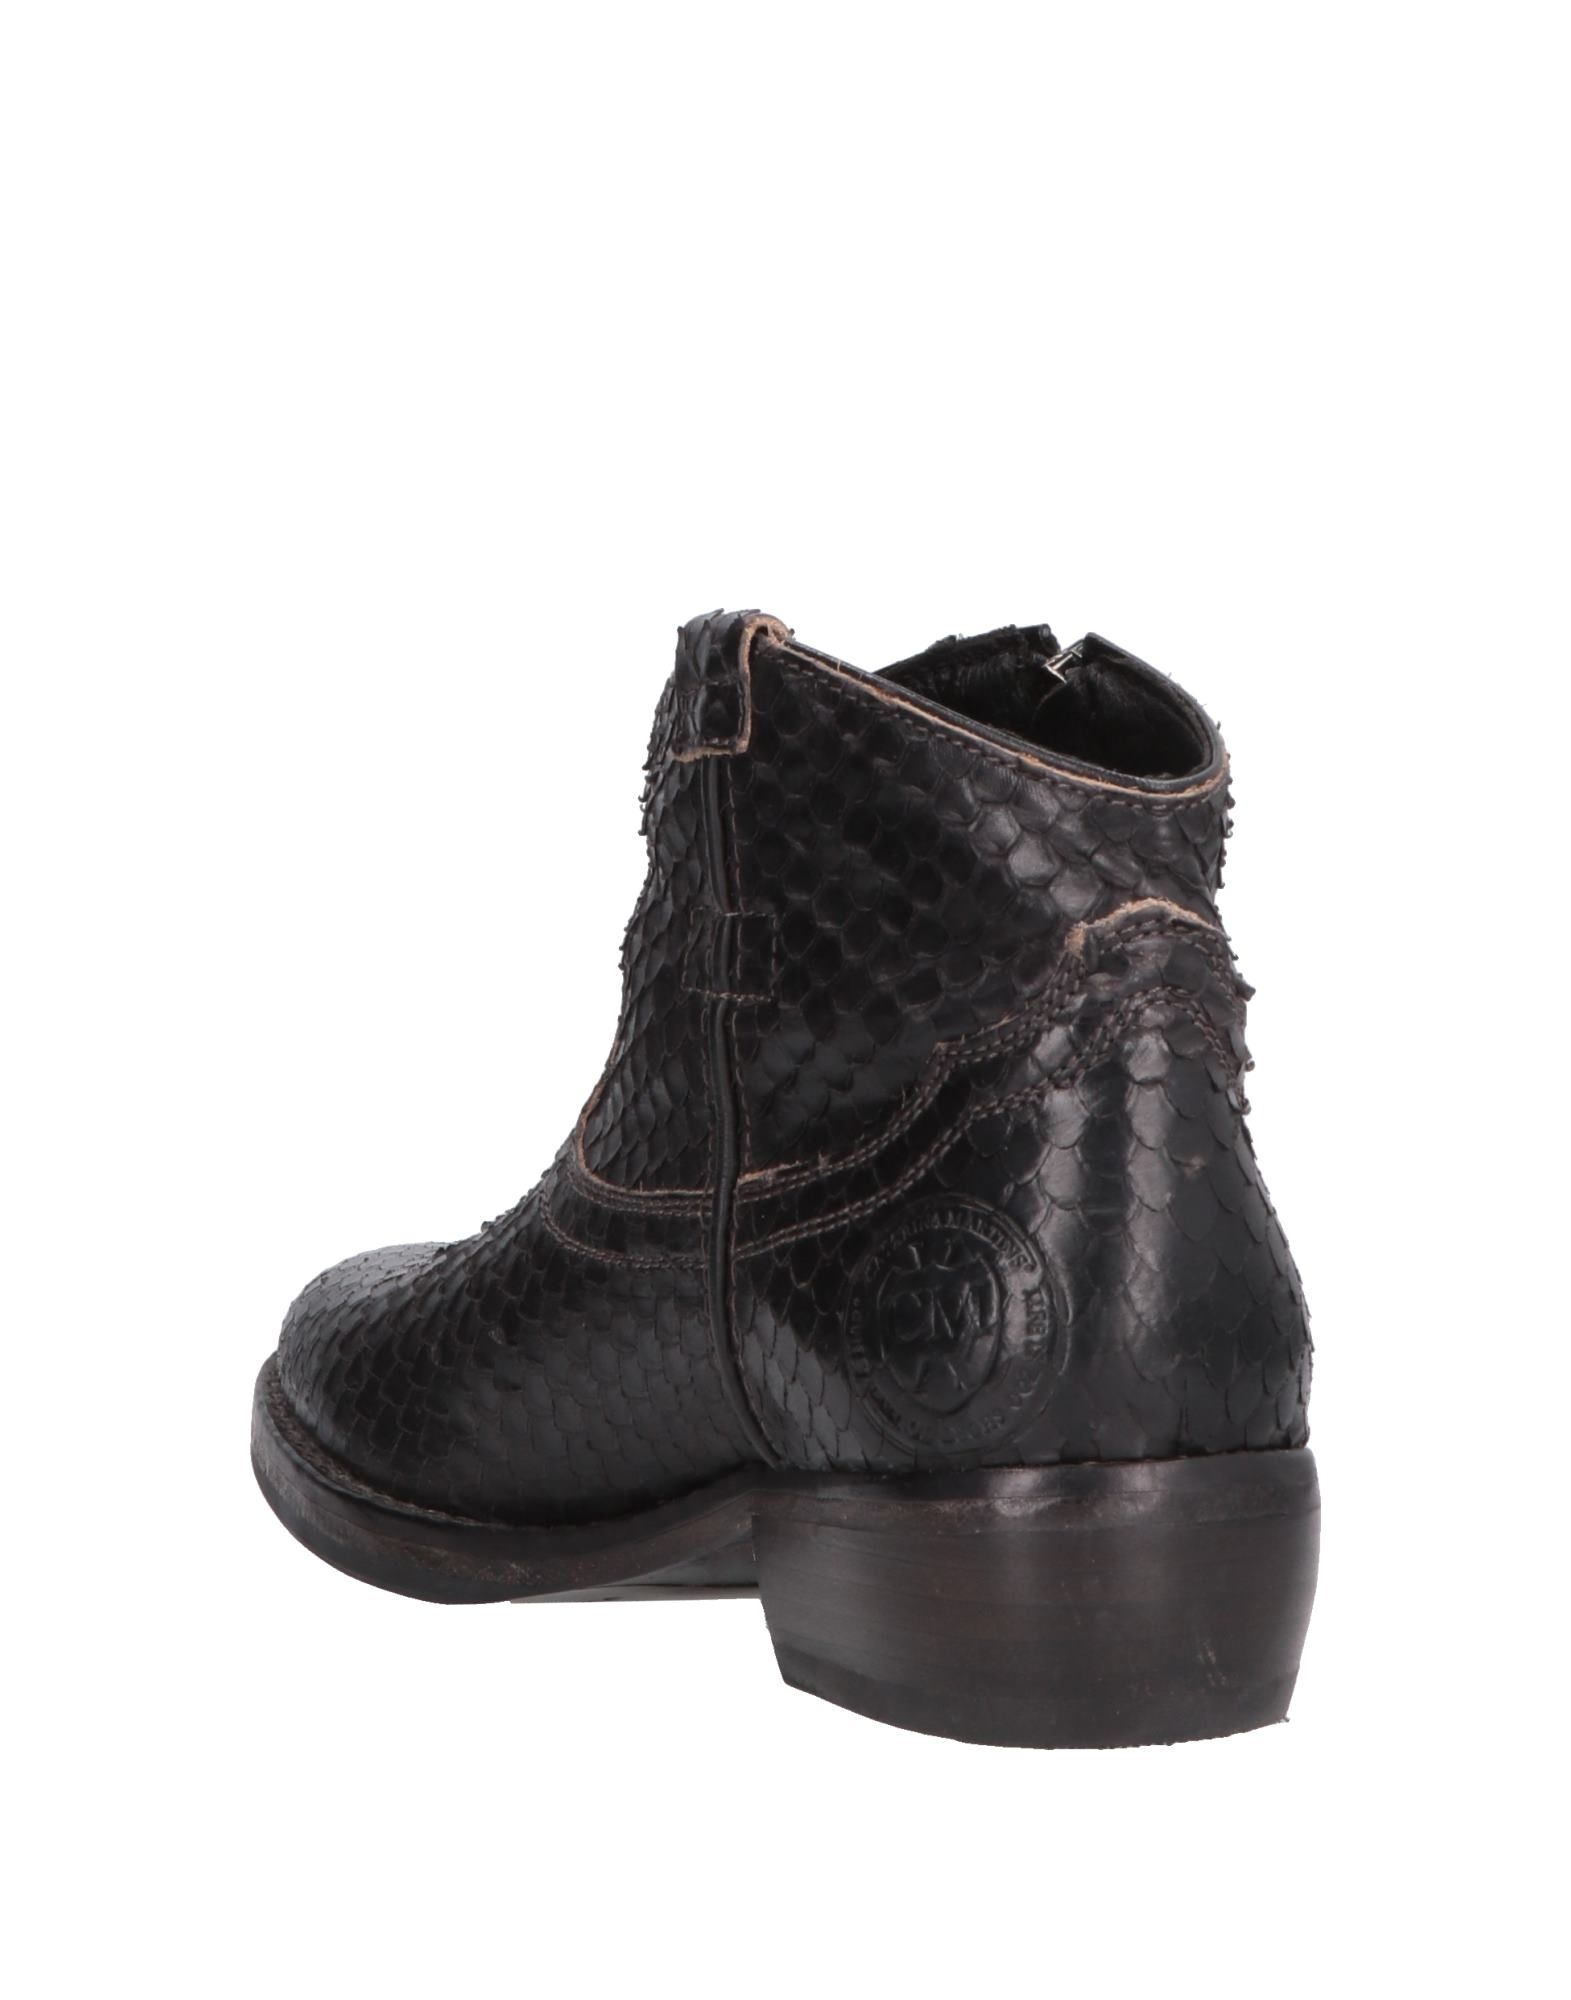 Stilvolle Stiefelette billige Schuhe Catarina Martins Stiefelette Stilvolle Damen  11552224IU 09d457